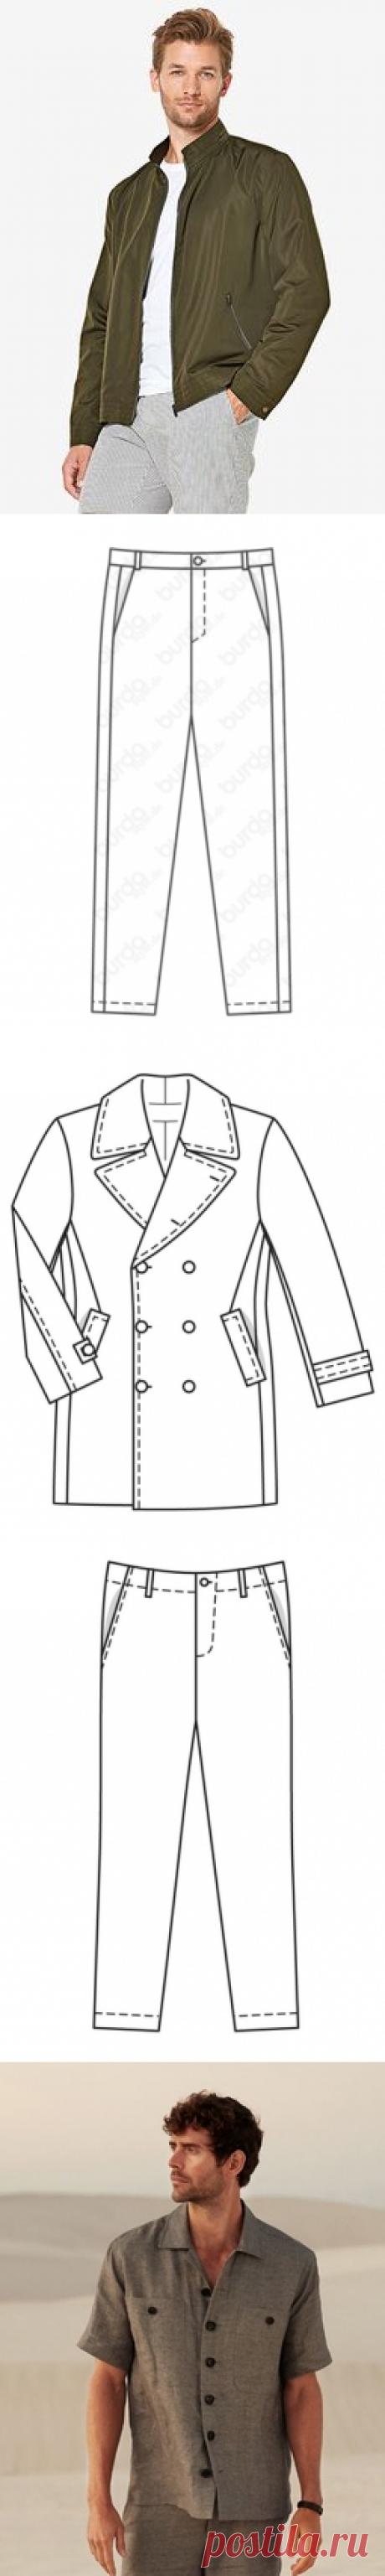 Выкройки мужской одежды Burda – купить и скачать выкройки на Burdastyle.ru